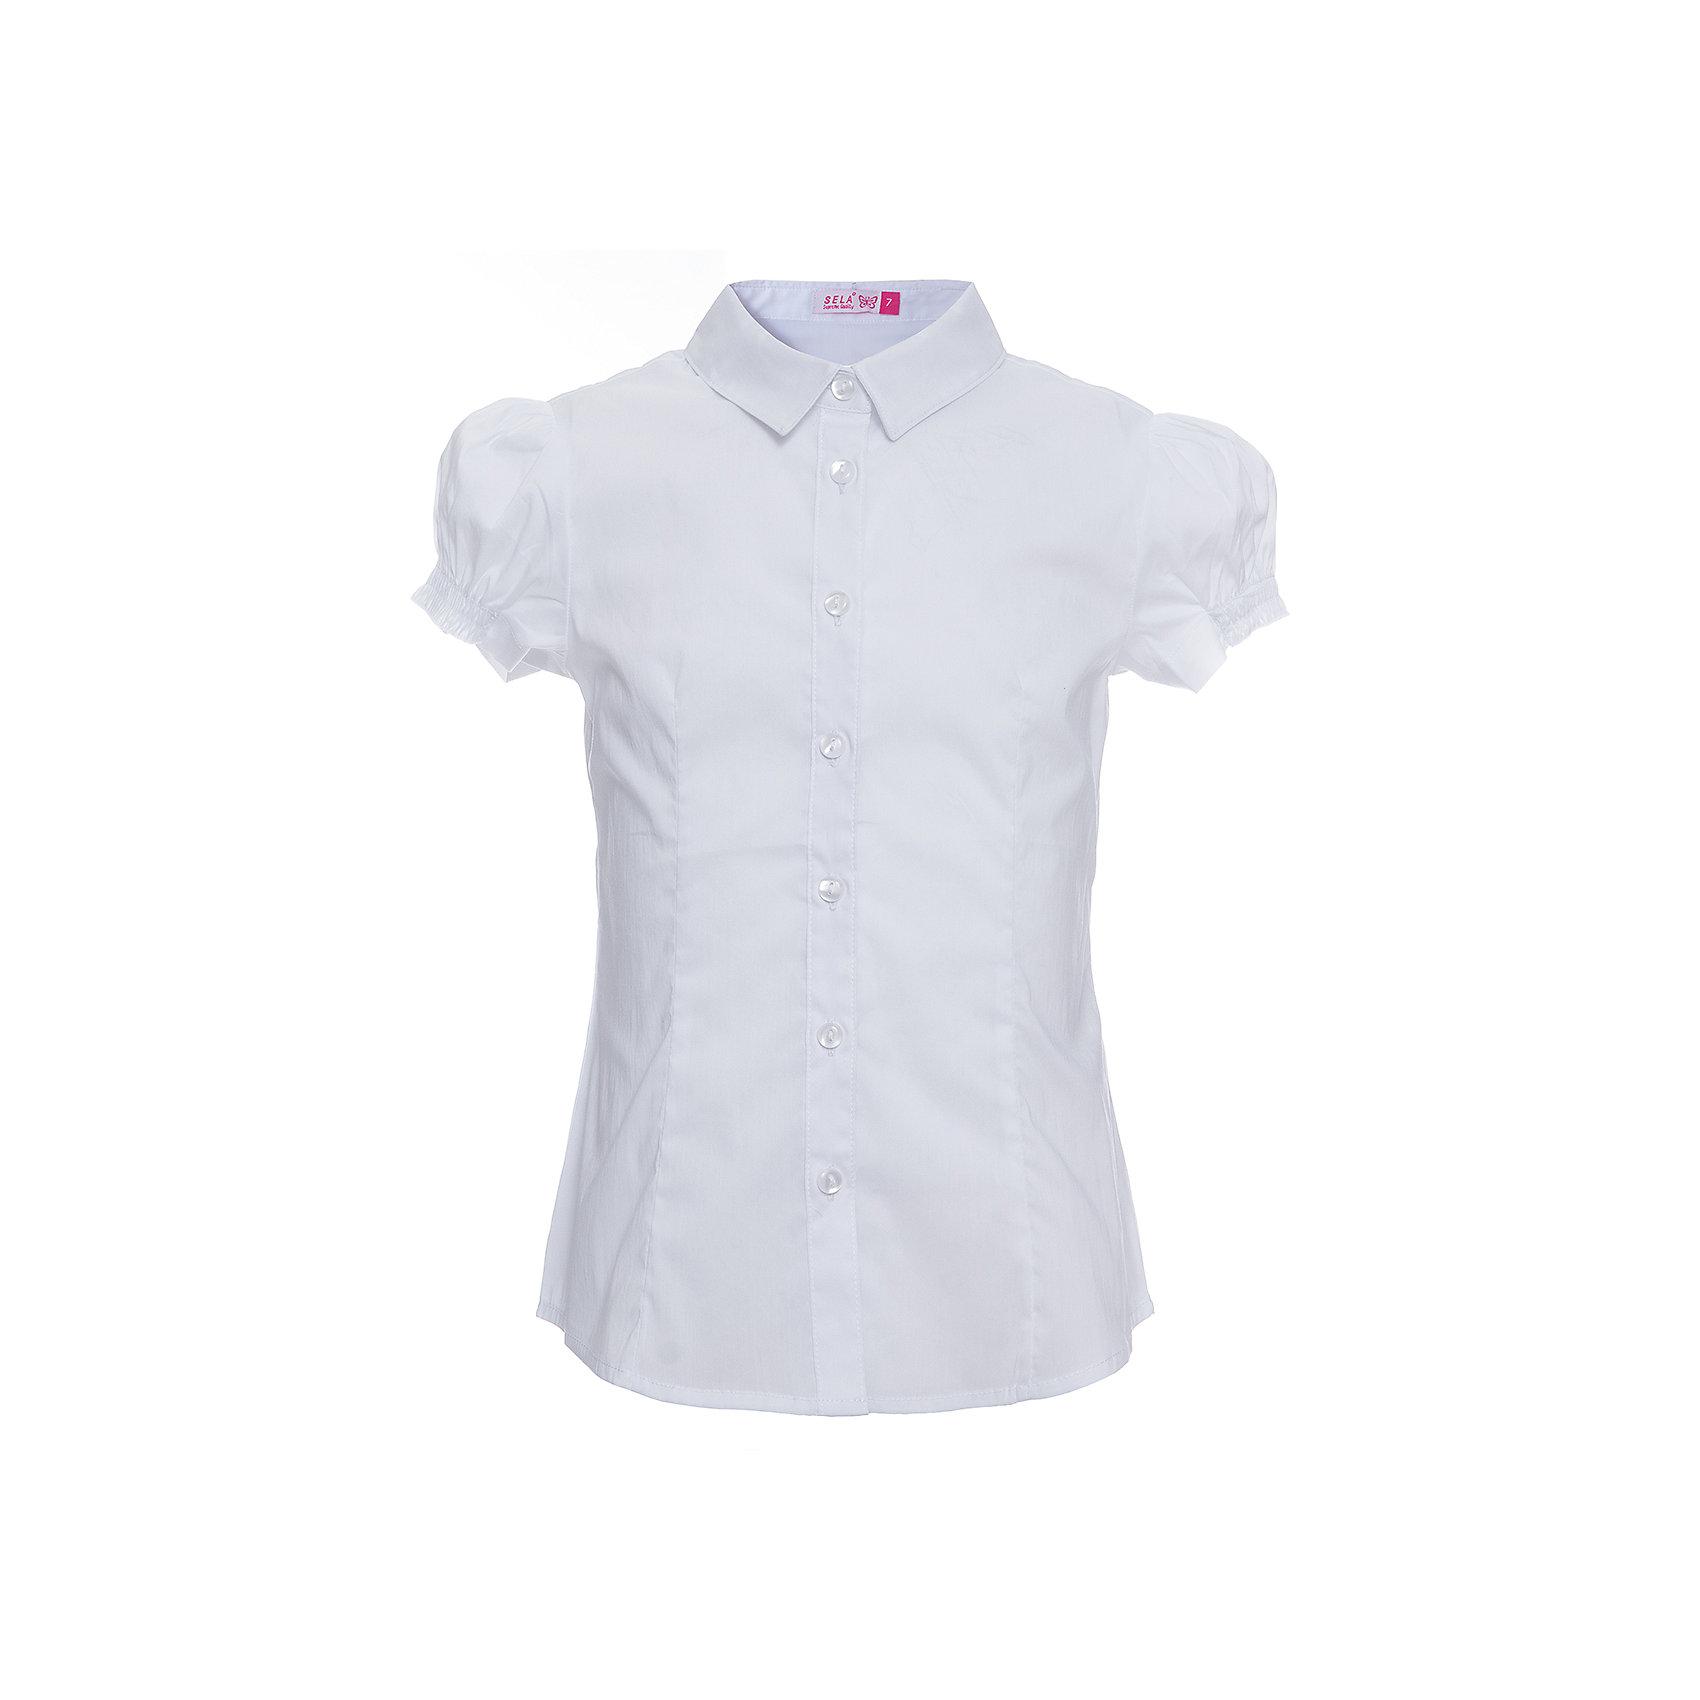 Блуза SELA для девочкиБлузки и рубашки<br>Характеристики товара:<br><br>• цвет: белый;<br>• состав: 56% хлопок, 41% нейлон, 3% эластан;<br>• сезон: демисезон;<br>• застежка: пуговицы;<br>• особенности: школьная;<br>• силуэт: А-силуэт;<br>• рукав: короткий;<br>• страна бренда: Россия;<br>• страна изготовитель: Китай.<br><br>Школьная блуза с коротким рукавом для девочки. Белая блузка застегивается на пуговицы. Манжеты рукавов на резинке.<br><br>Блузу Sela (Села) для девочки можно купить в нашем интернет-магазине.<br><br>Ширина мм: 186<br>Глубина мм: 87<br>Высота мм: 198<br>Вес г: 197<br>Цвет: белый<br>Возраст от месяцев: 120<br>Возраст до месяцев: 132<br>Пол: Женский<br>Возраст: Детский<br>Размер: 146,122,128,134,140,152<br>SKU: 7009470